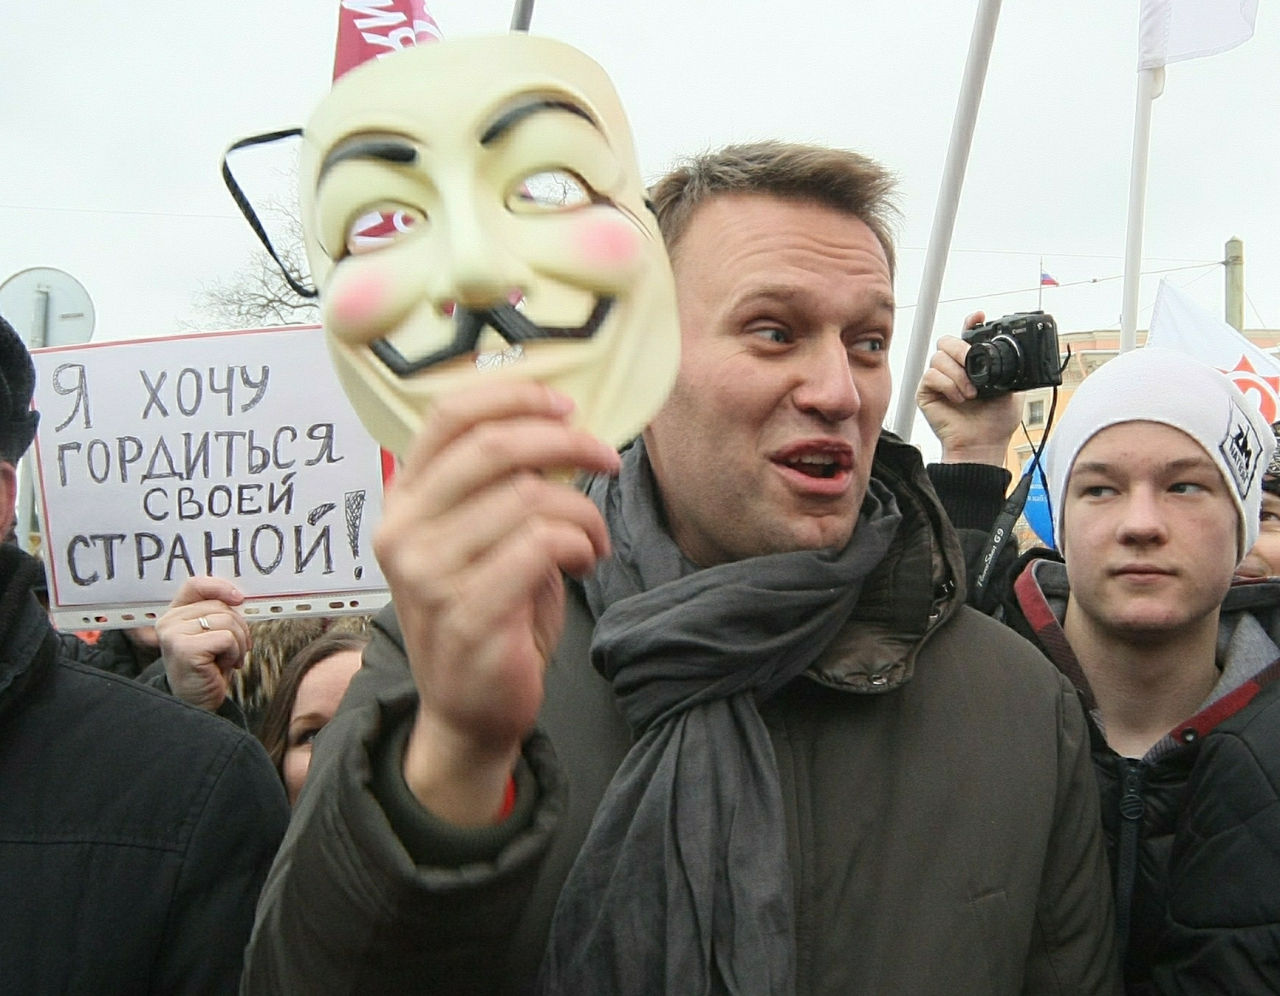 Оппозиция проведет антикризисный марш в Москве и ряде городов 1 марта // Замир Усманов / Russian Look